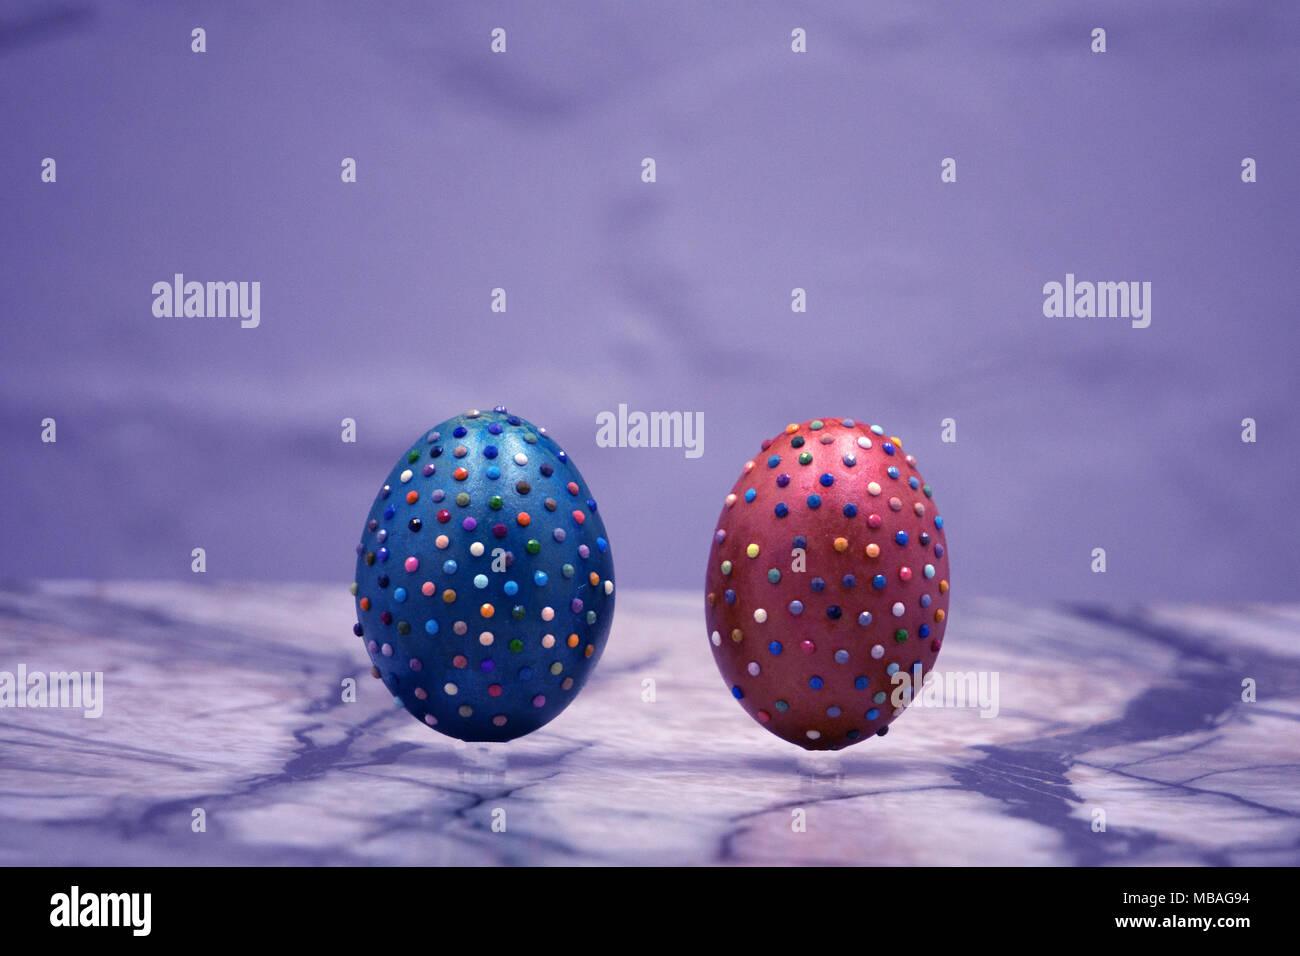 Passe-temps artisanat objets décoratifs orange vacances de Pâques Photo Stock